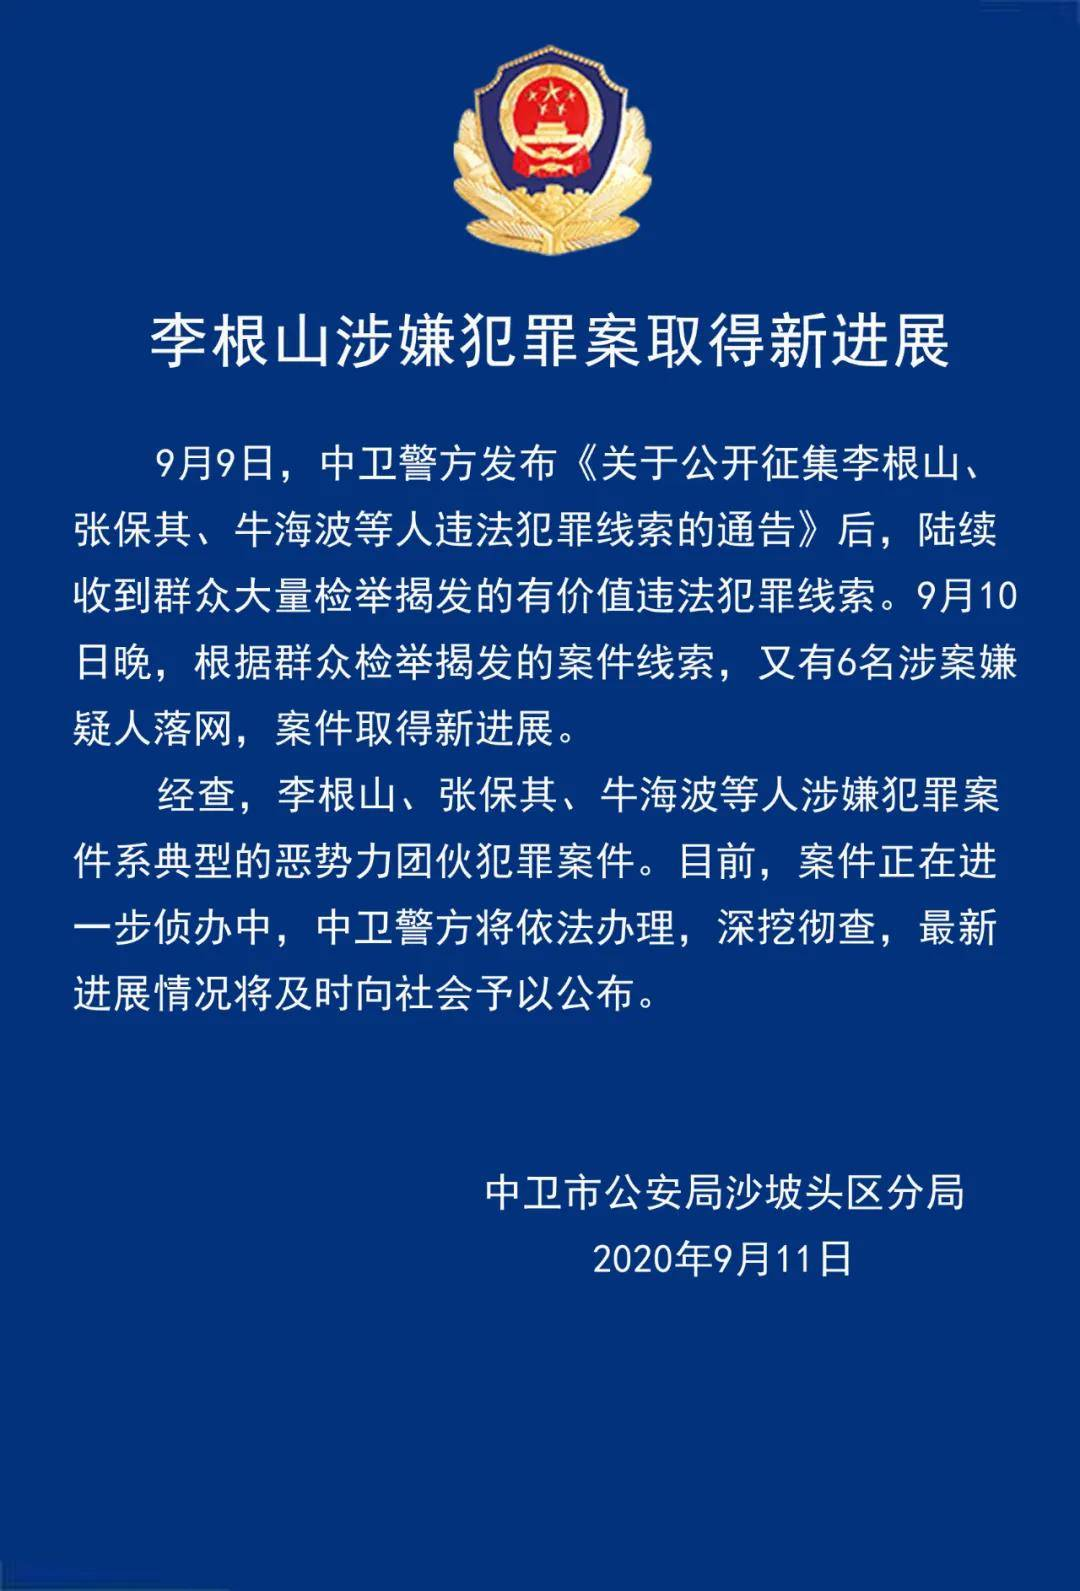 新京报新闻,9月1日 中卫市李根山